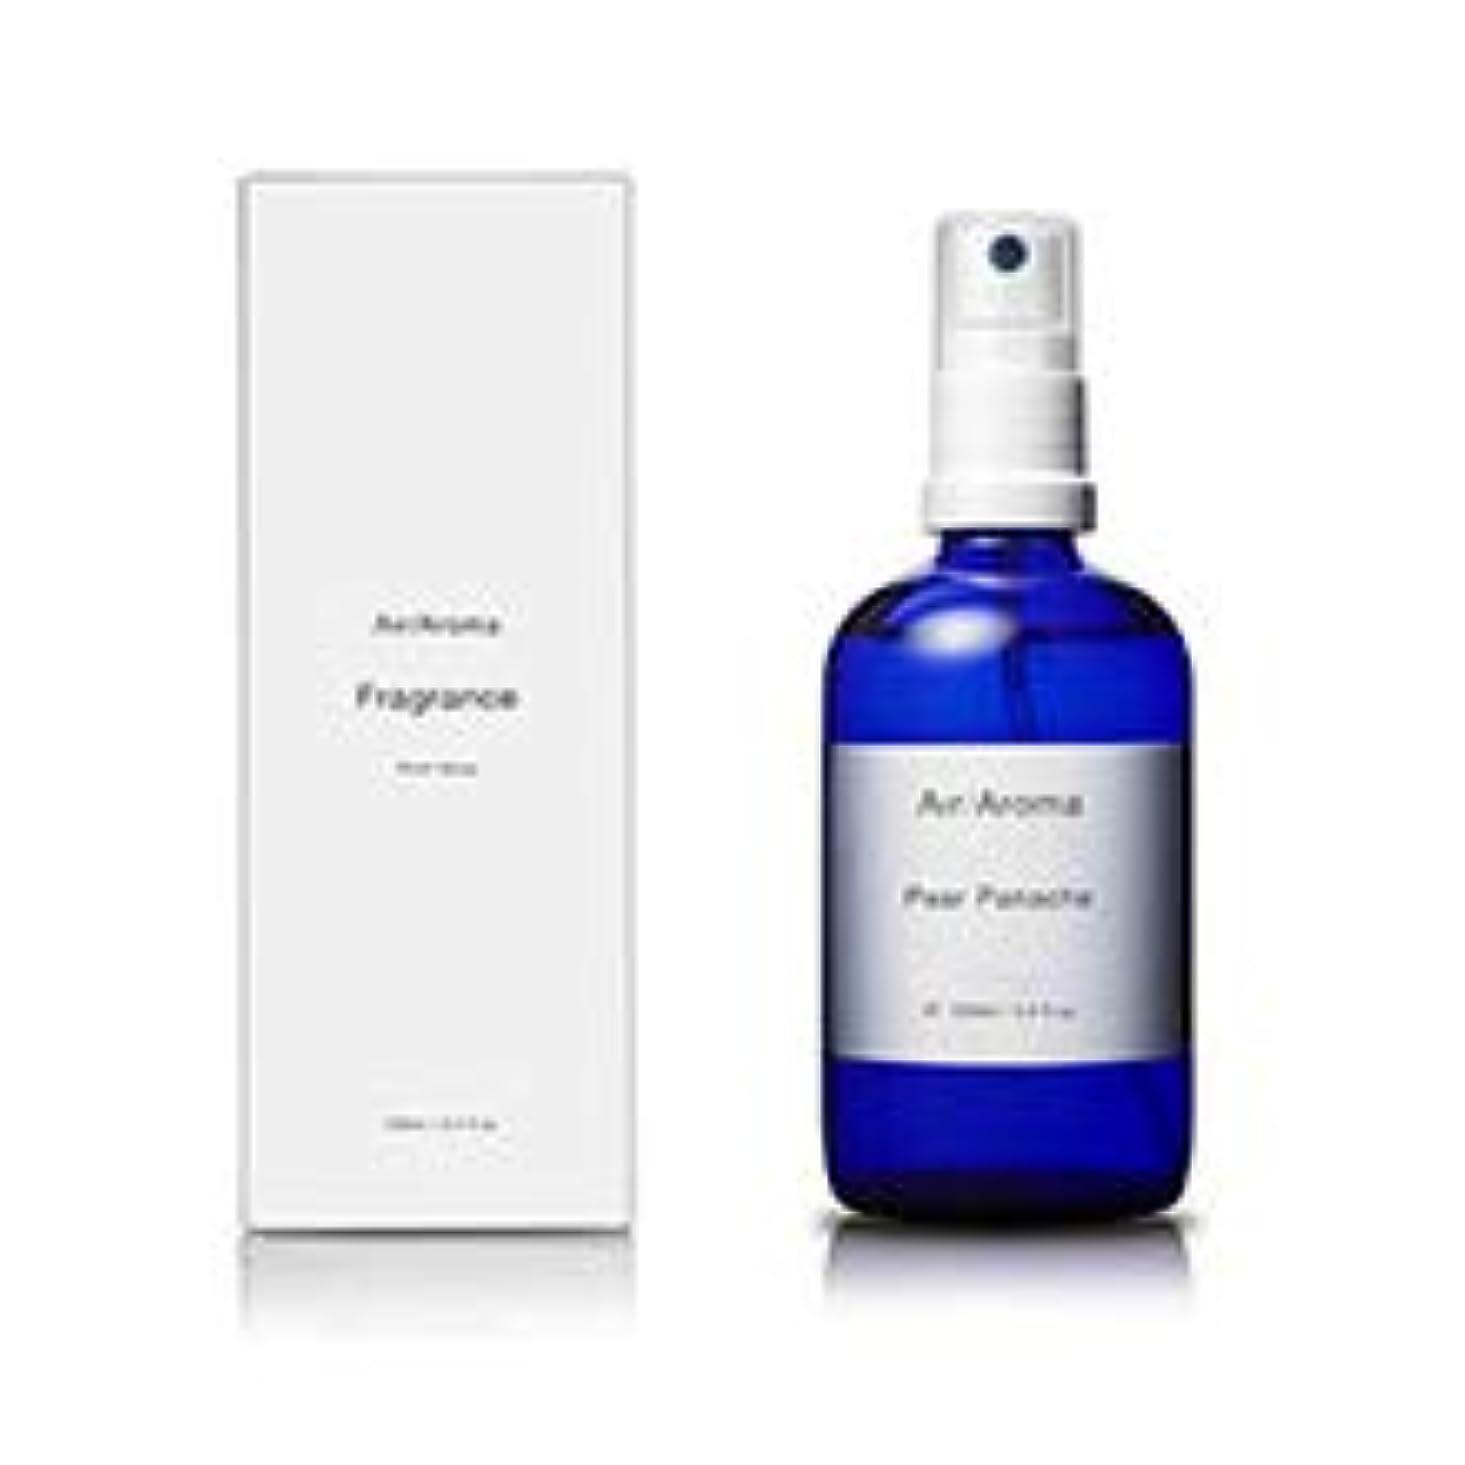 続編シャンプーナビゲーションエアアロマ pear panache room fragrance (ペアパナシェ ルームフレグランス) 100ml